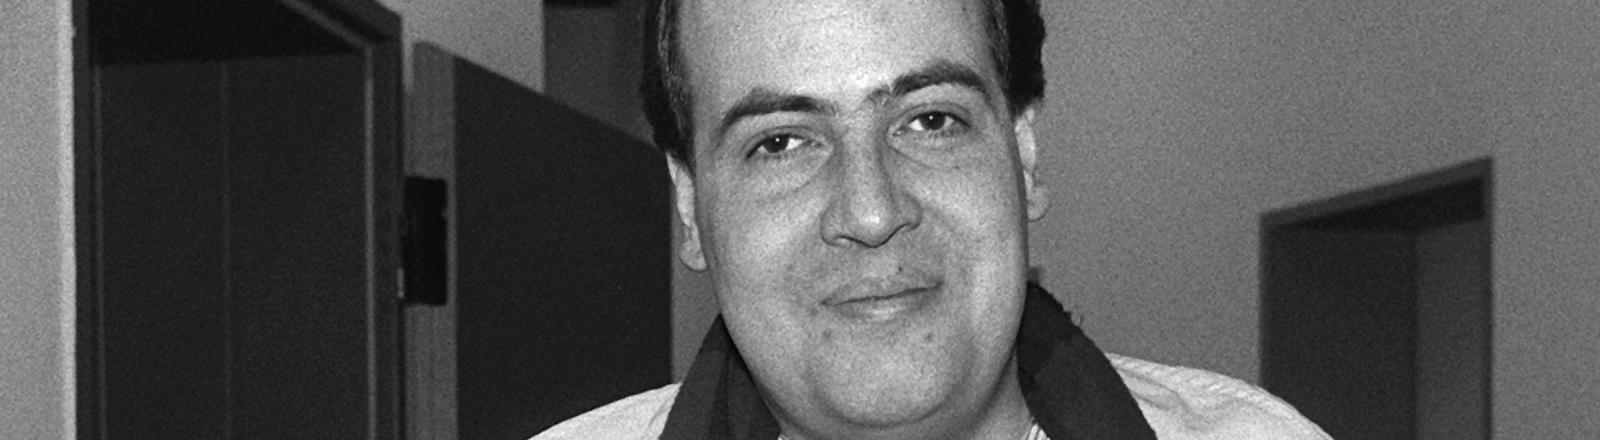 """Der 28-jährige Computerspezialist Markus Hess muss sich wegen """"gemeinschaftlicher, geheimdienstlicher Agententätigkeit"""", hier in einem Gang des Oberlandesgerichtes in Celle, verantworten. Mitangeklagt sind der 30-jährige Dirk Brzezinski und der 35-jährige Peter Carl. Aufgenommen am 30. Januar 1990."""